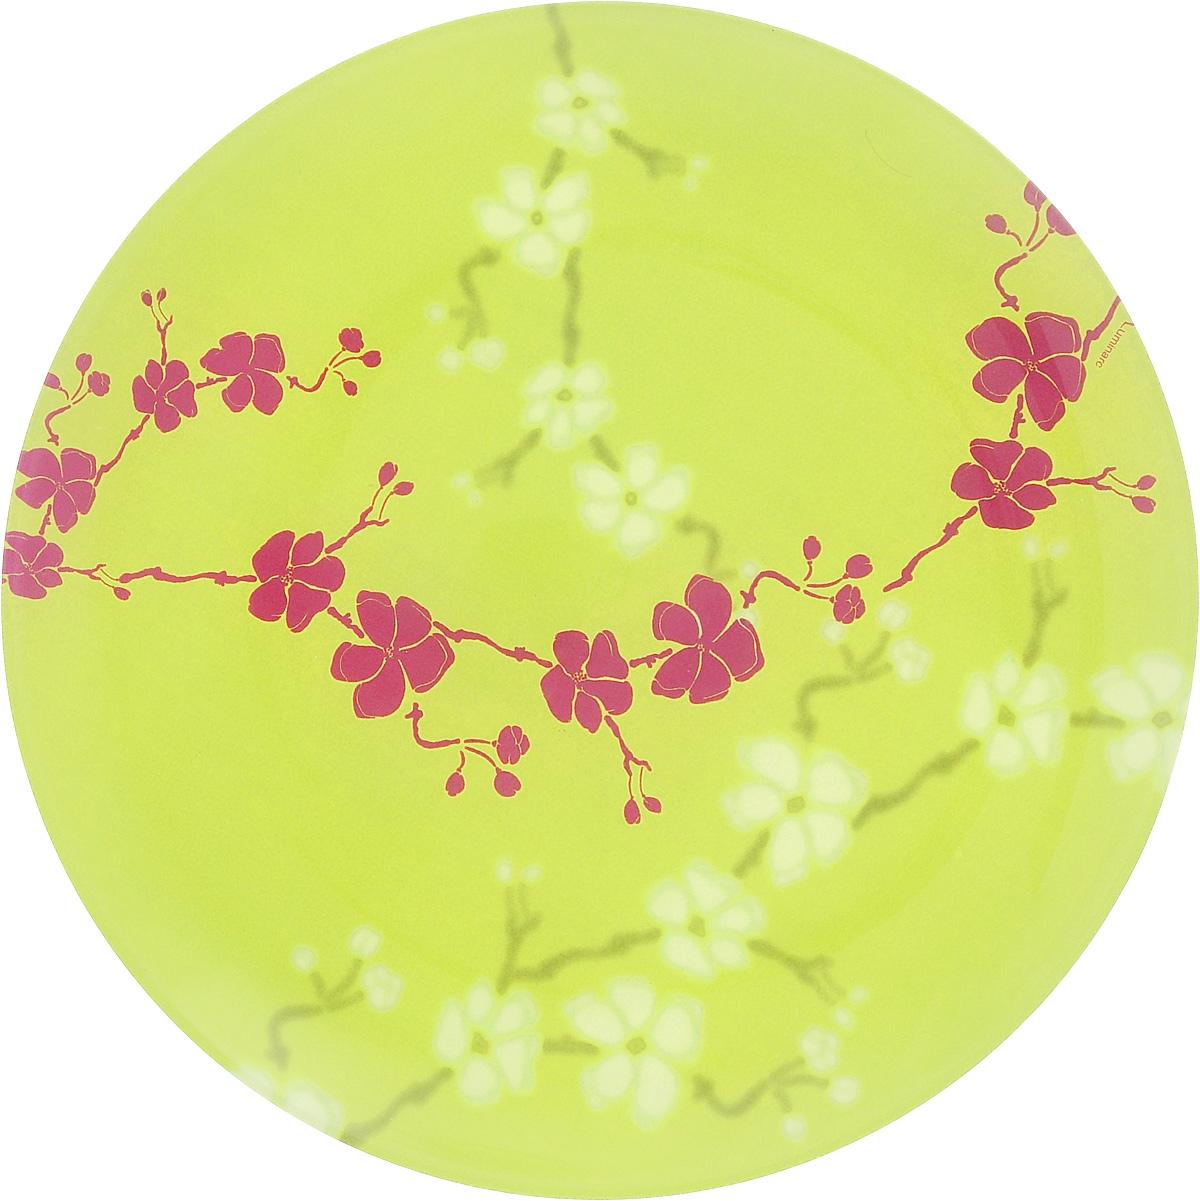 Тарелка десертная Luminarc Kashima Green, 20,5 смG9724Десертная тарелка Luminarc Kashima Green, изготовленная из ударопрочного стекла, имеет изысканный внешний вид. Такая тарелка прекрасно подходит как для торжественных случаев, так и для повседневного использования. Идеальна для подачи десертов, пирожных, тортов и многого другого. Она прекрасно оформит стол и станет отличным дополнением к вашей коллекции кухонной посуды. Диаметр тарелки (по верхнему краю): 20,5 см.